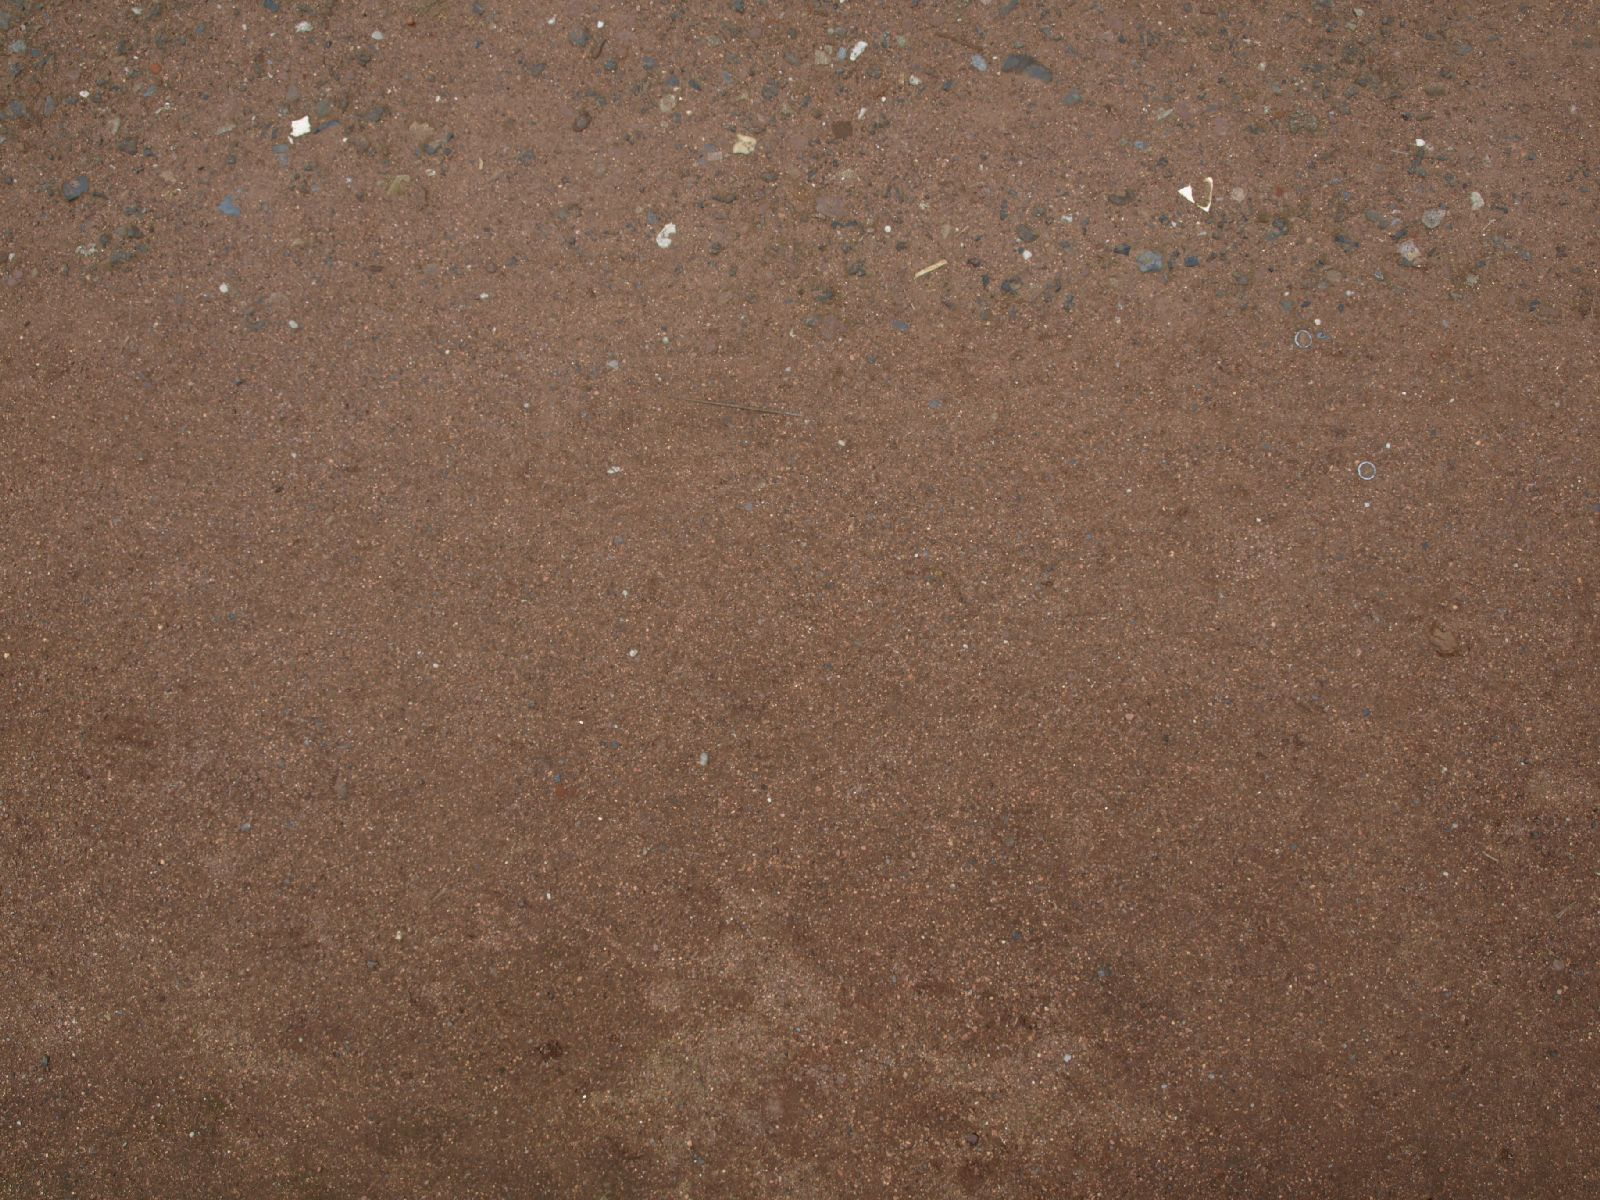 Boden-Erde-Steine_Textur_A_P4120798